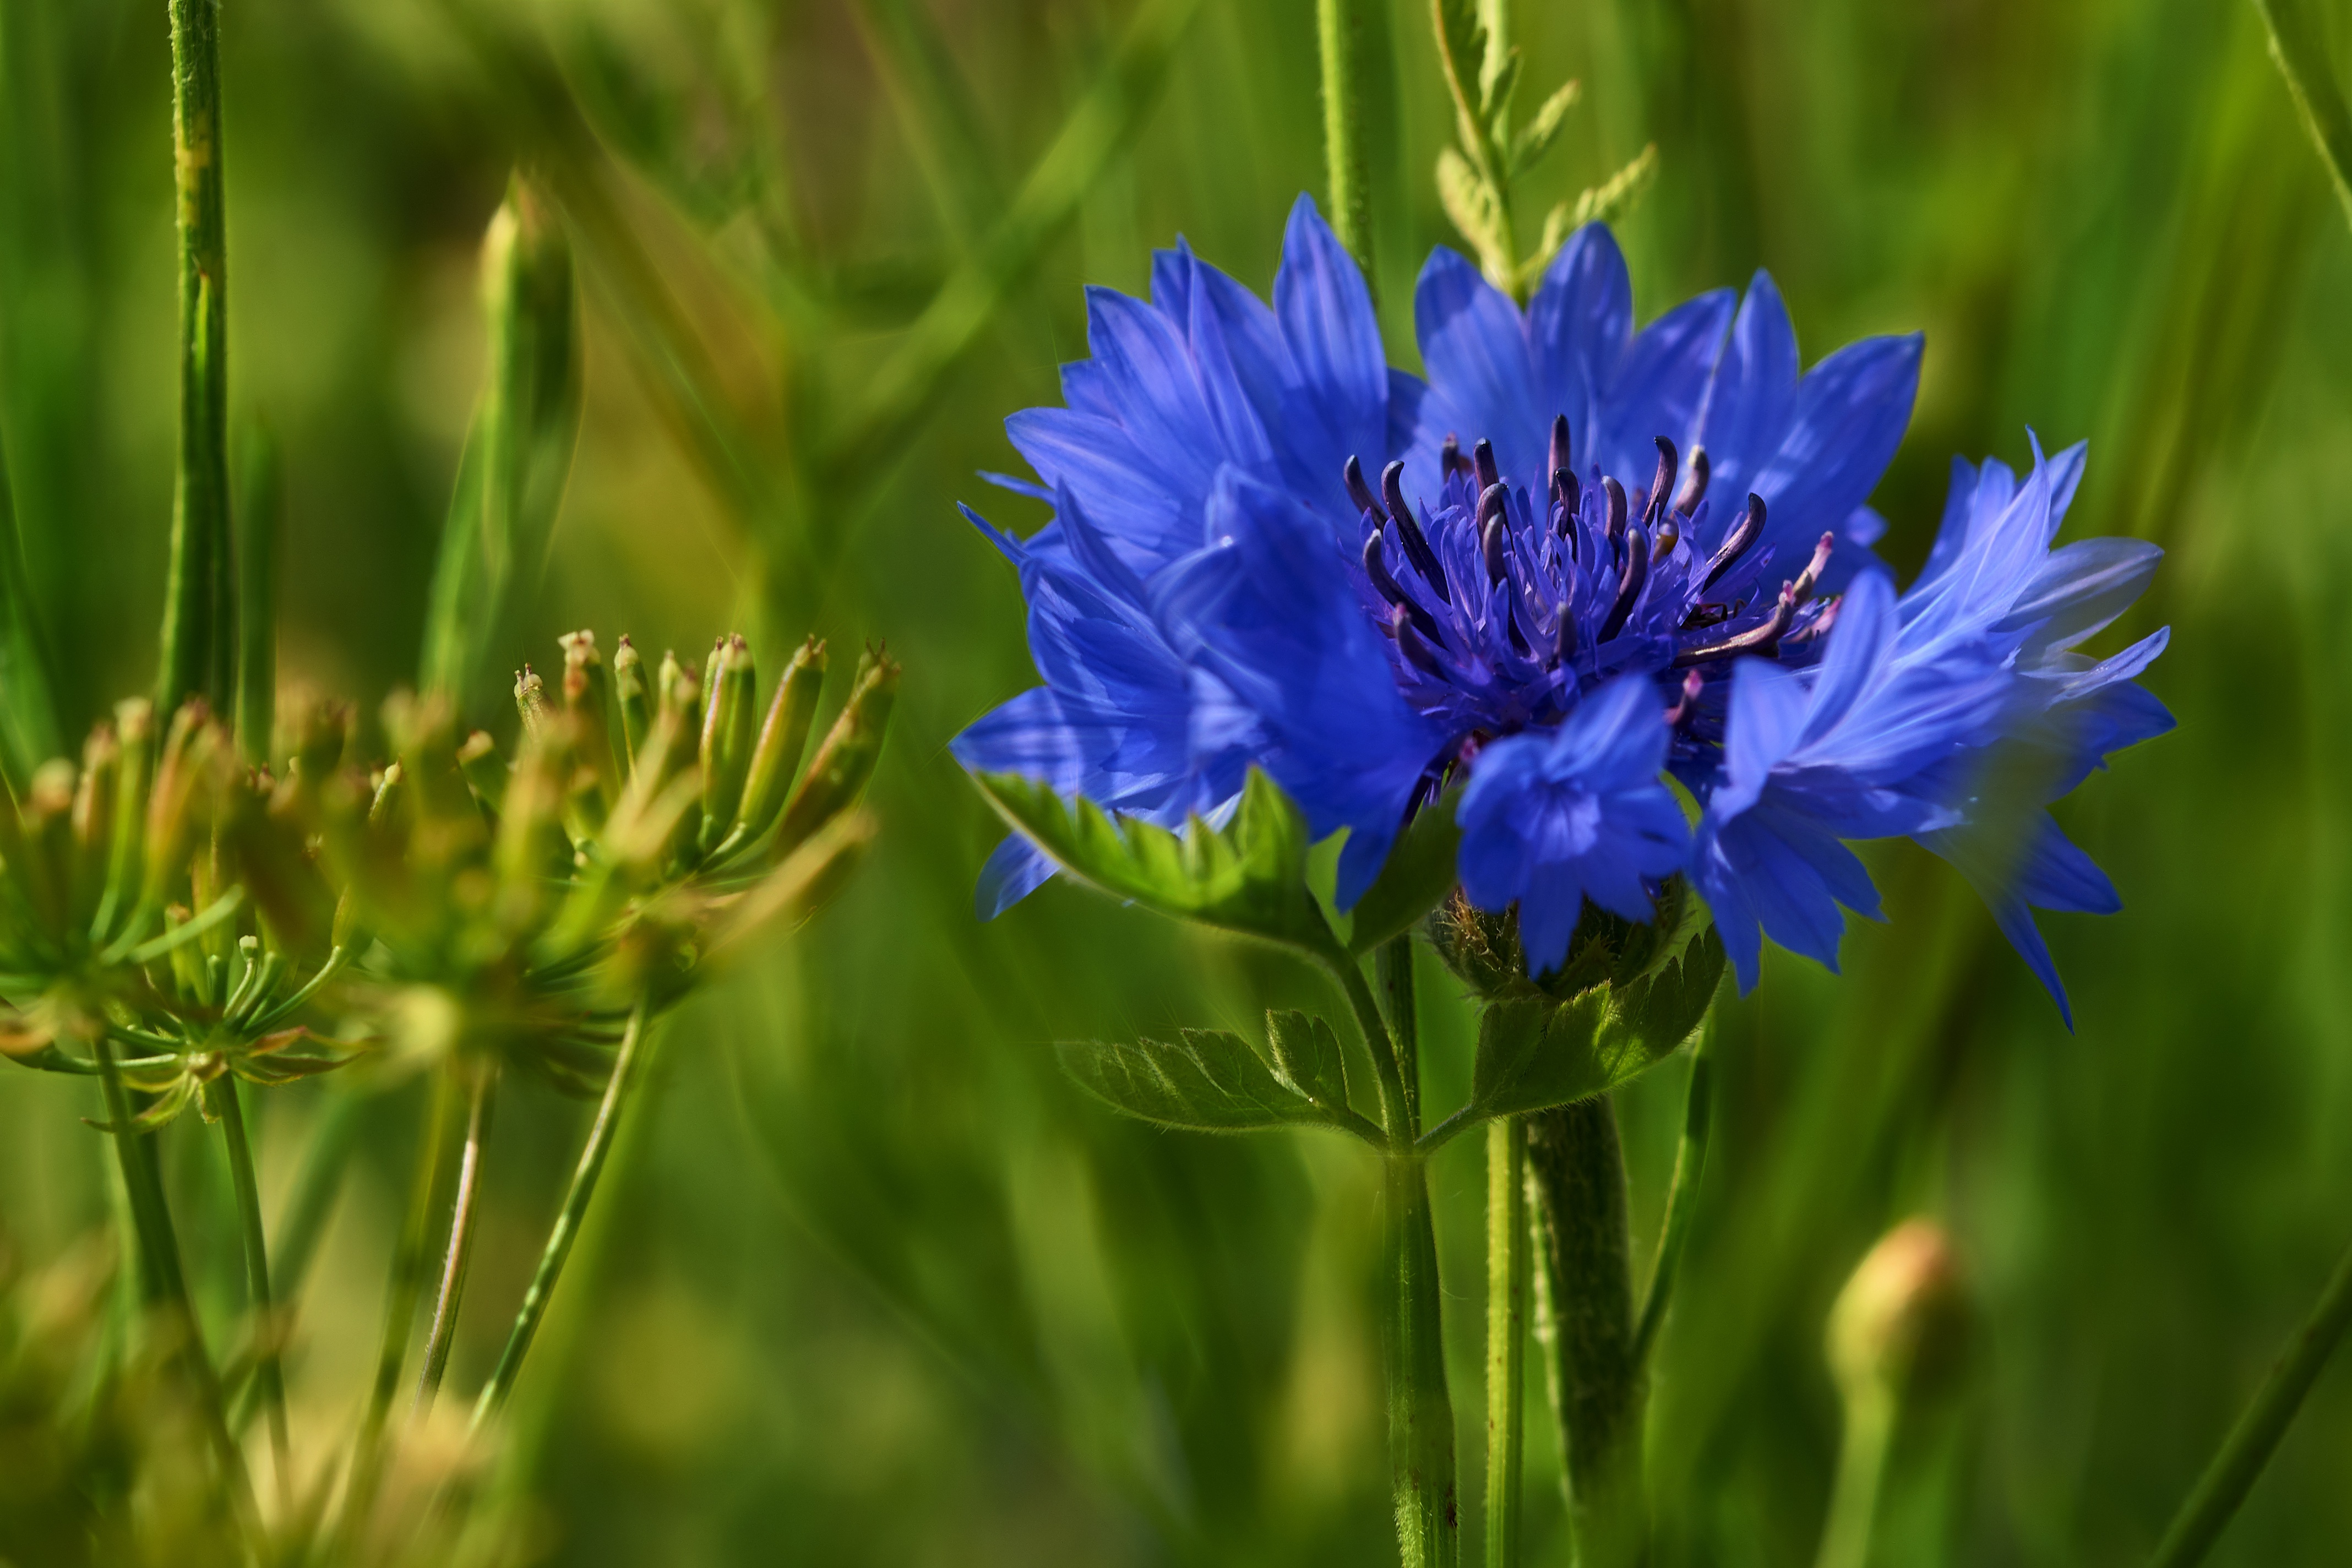 фото полевые цветы васильки